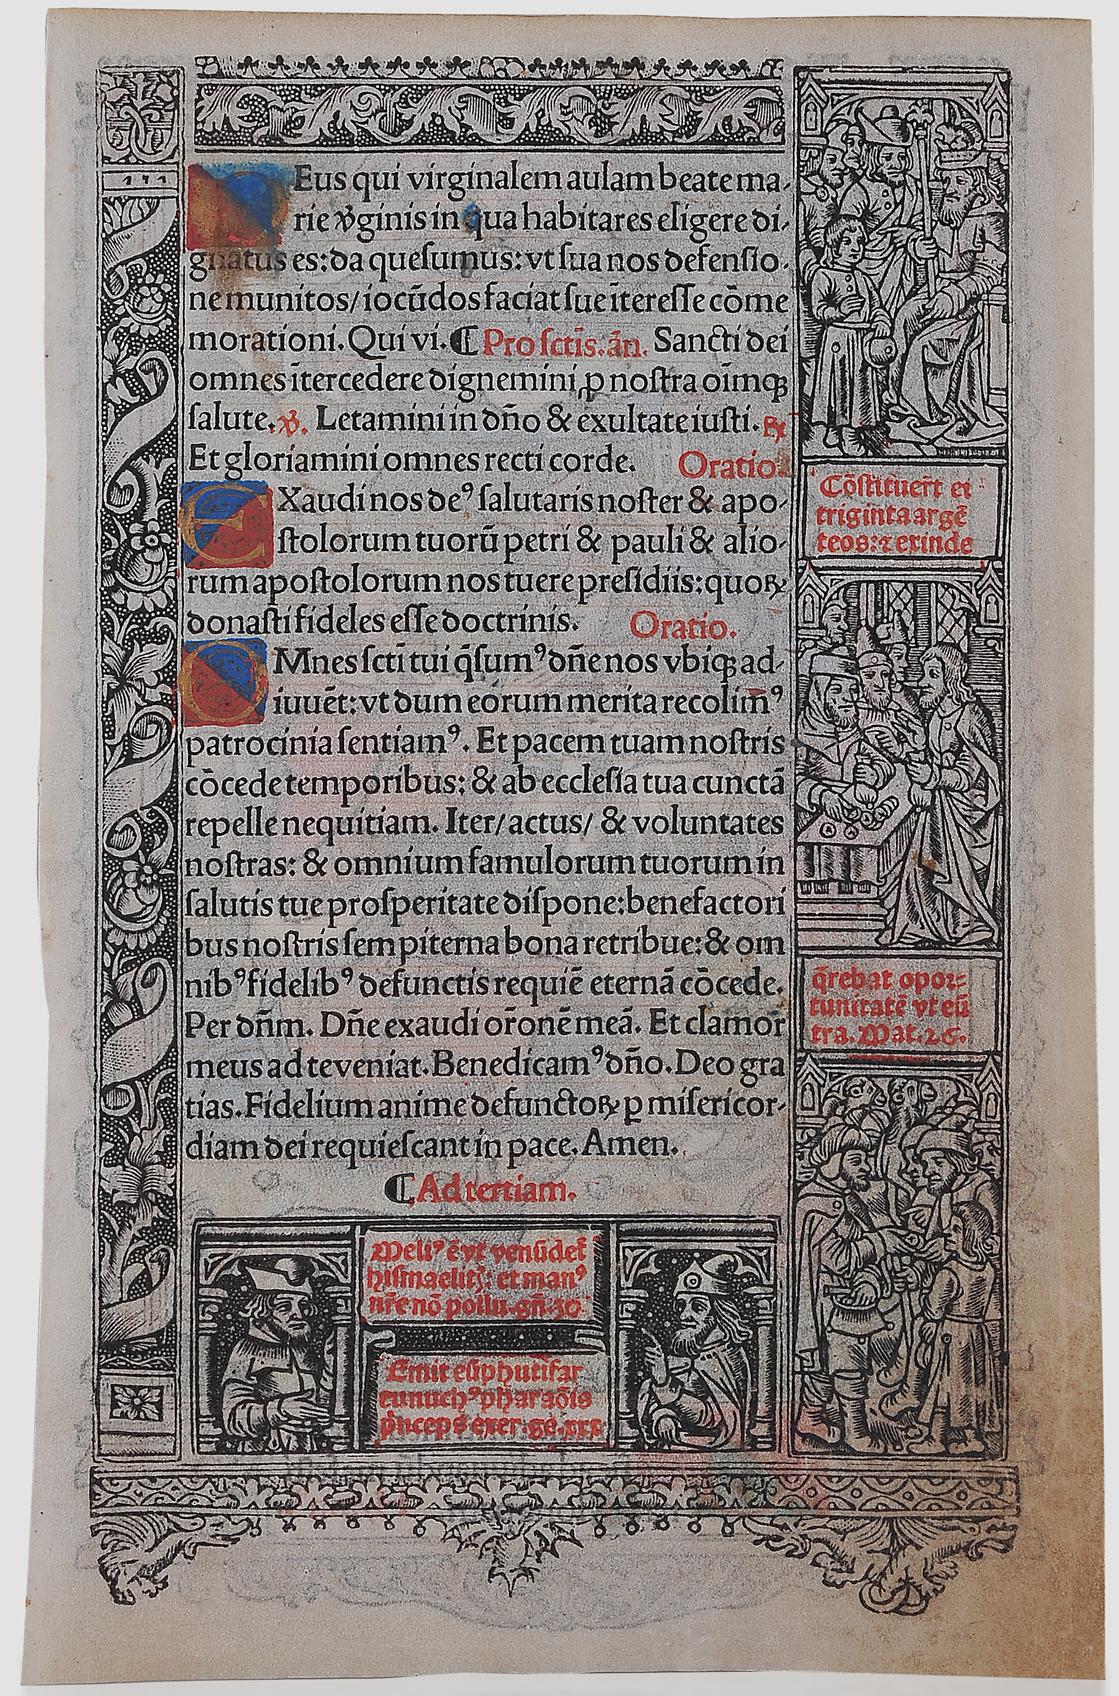 Buchmalerei, Illumination, um 1500 - Image 2 of 2